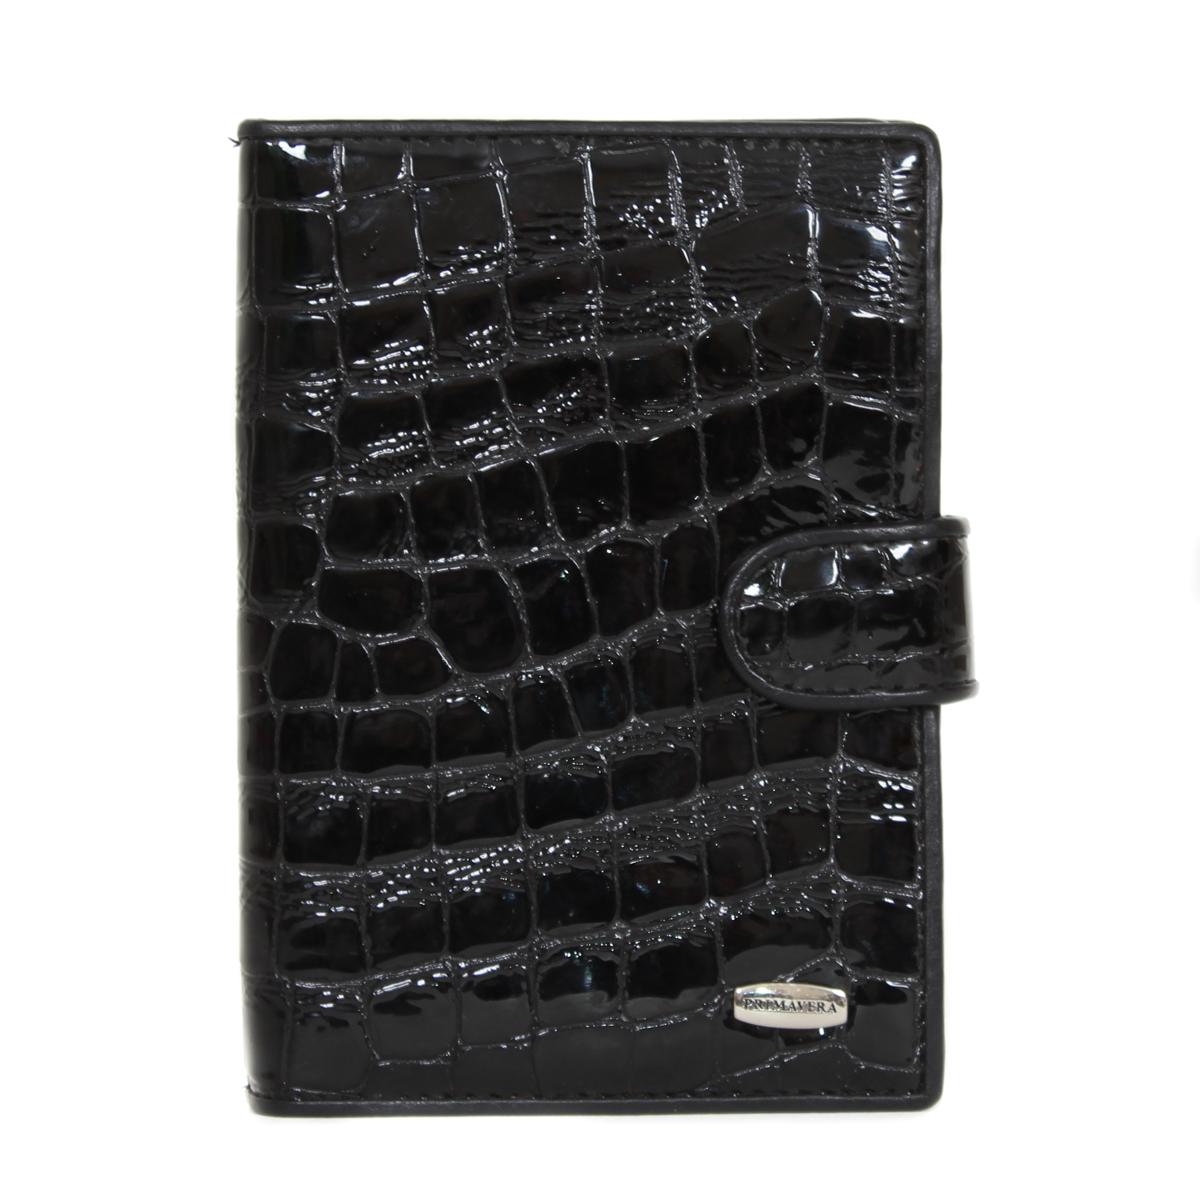 Обложка для документов женская Leighton, цвет: черный. 0005084923/0121/219Женская обложка для документов Leighton выполнена из натуральной кожи. Модель очень удобная и прочная. Закрывается на хлястик с кнопкой.